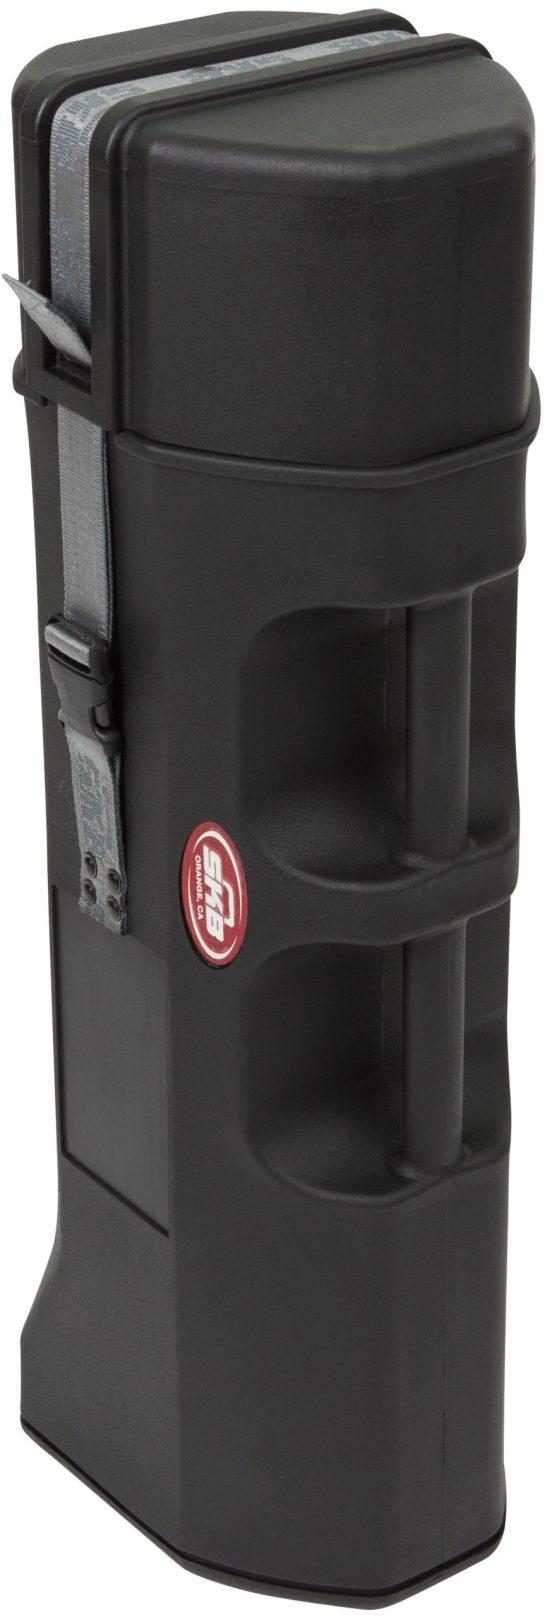 SKB 1SKB-R2907 Case - Foam Example